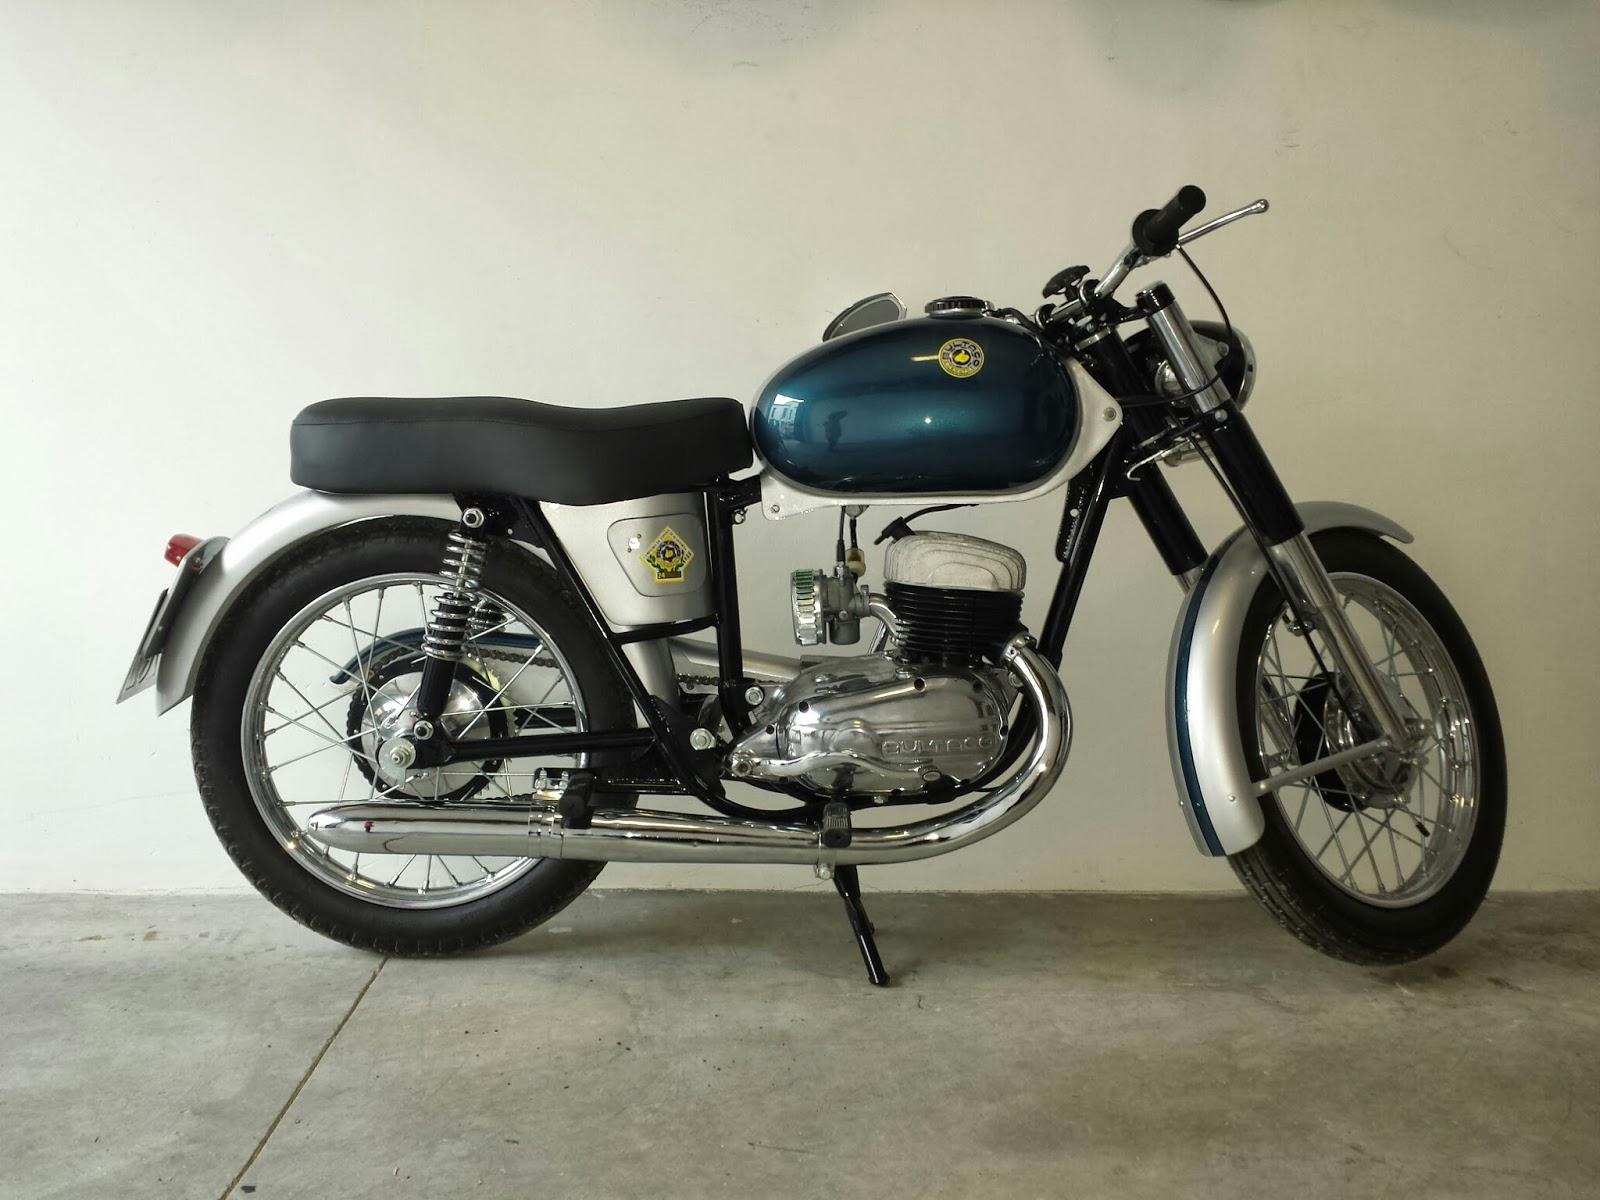 Historia y evolución de la motocileta 20140214_182203_resized